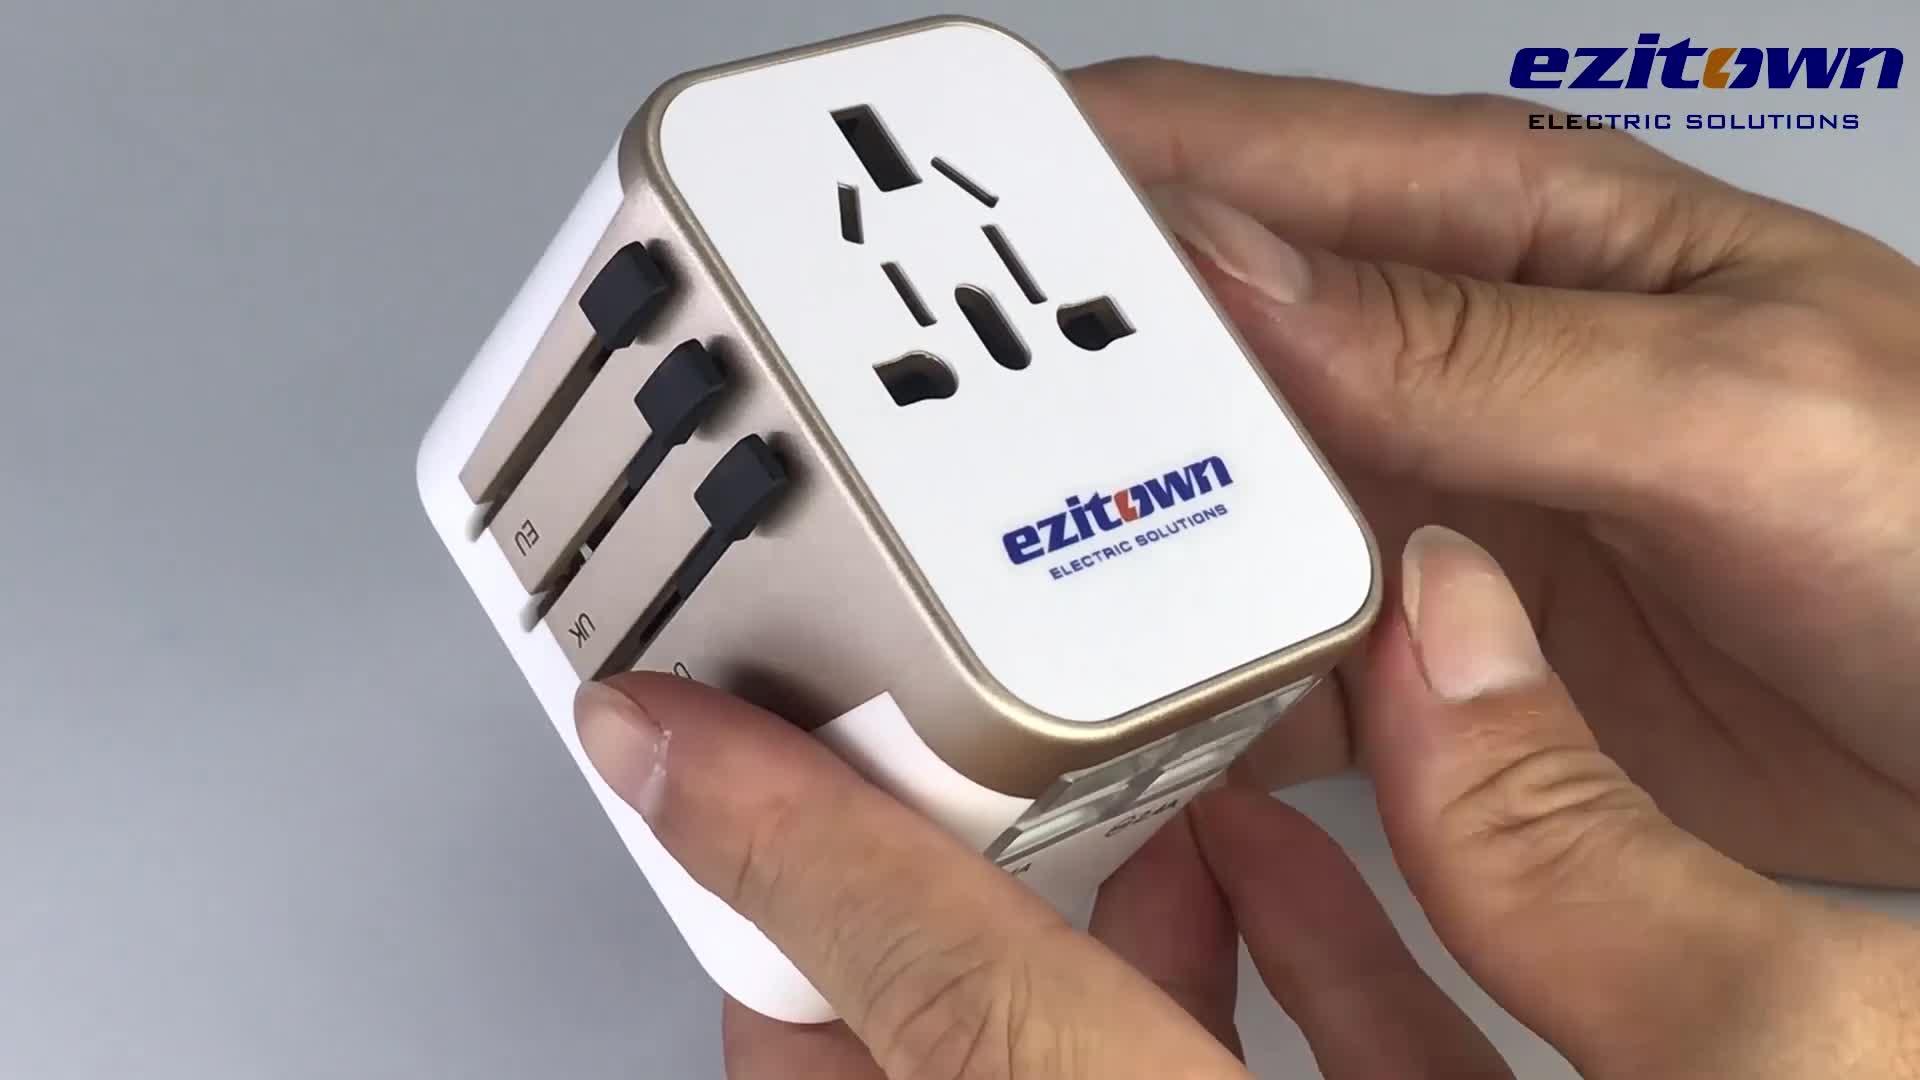 Ezitown 100-250 V evrensel soket çıkış usb güç adaptörü hepsi bir evrensel dünya çapında seyahat şarj adaptörü fişi